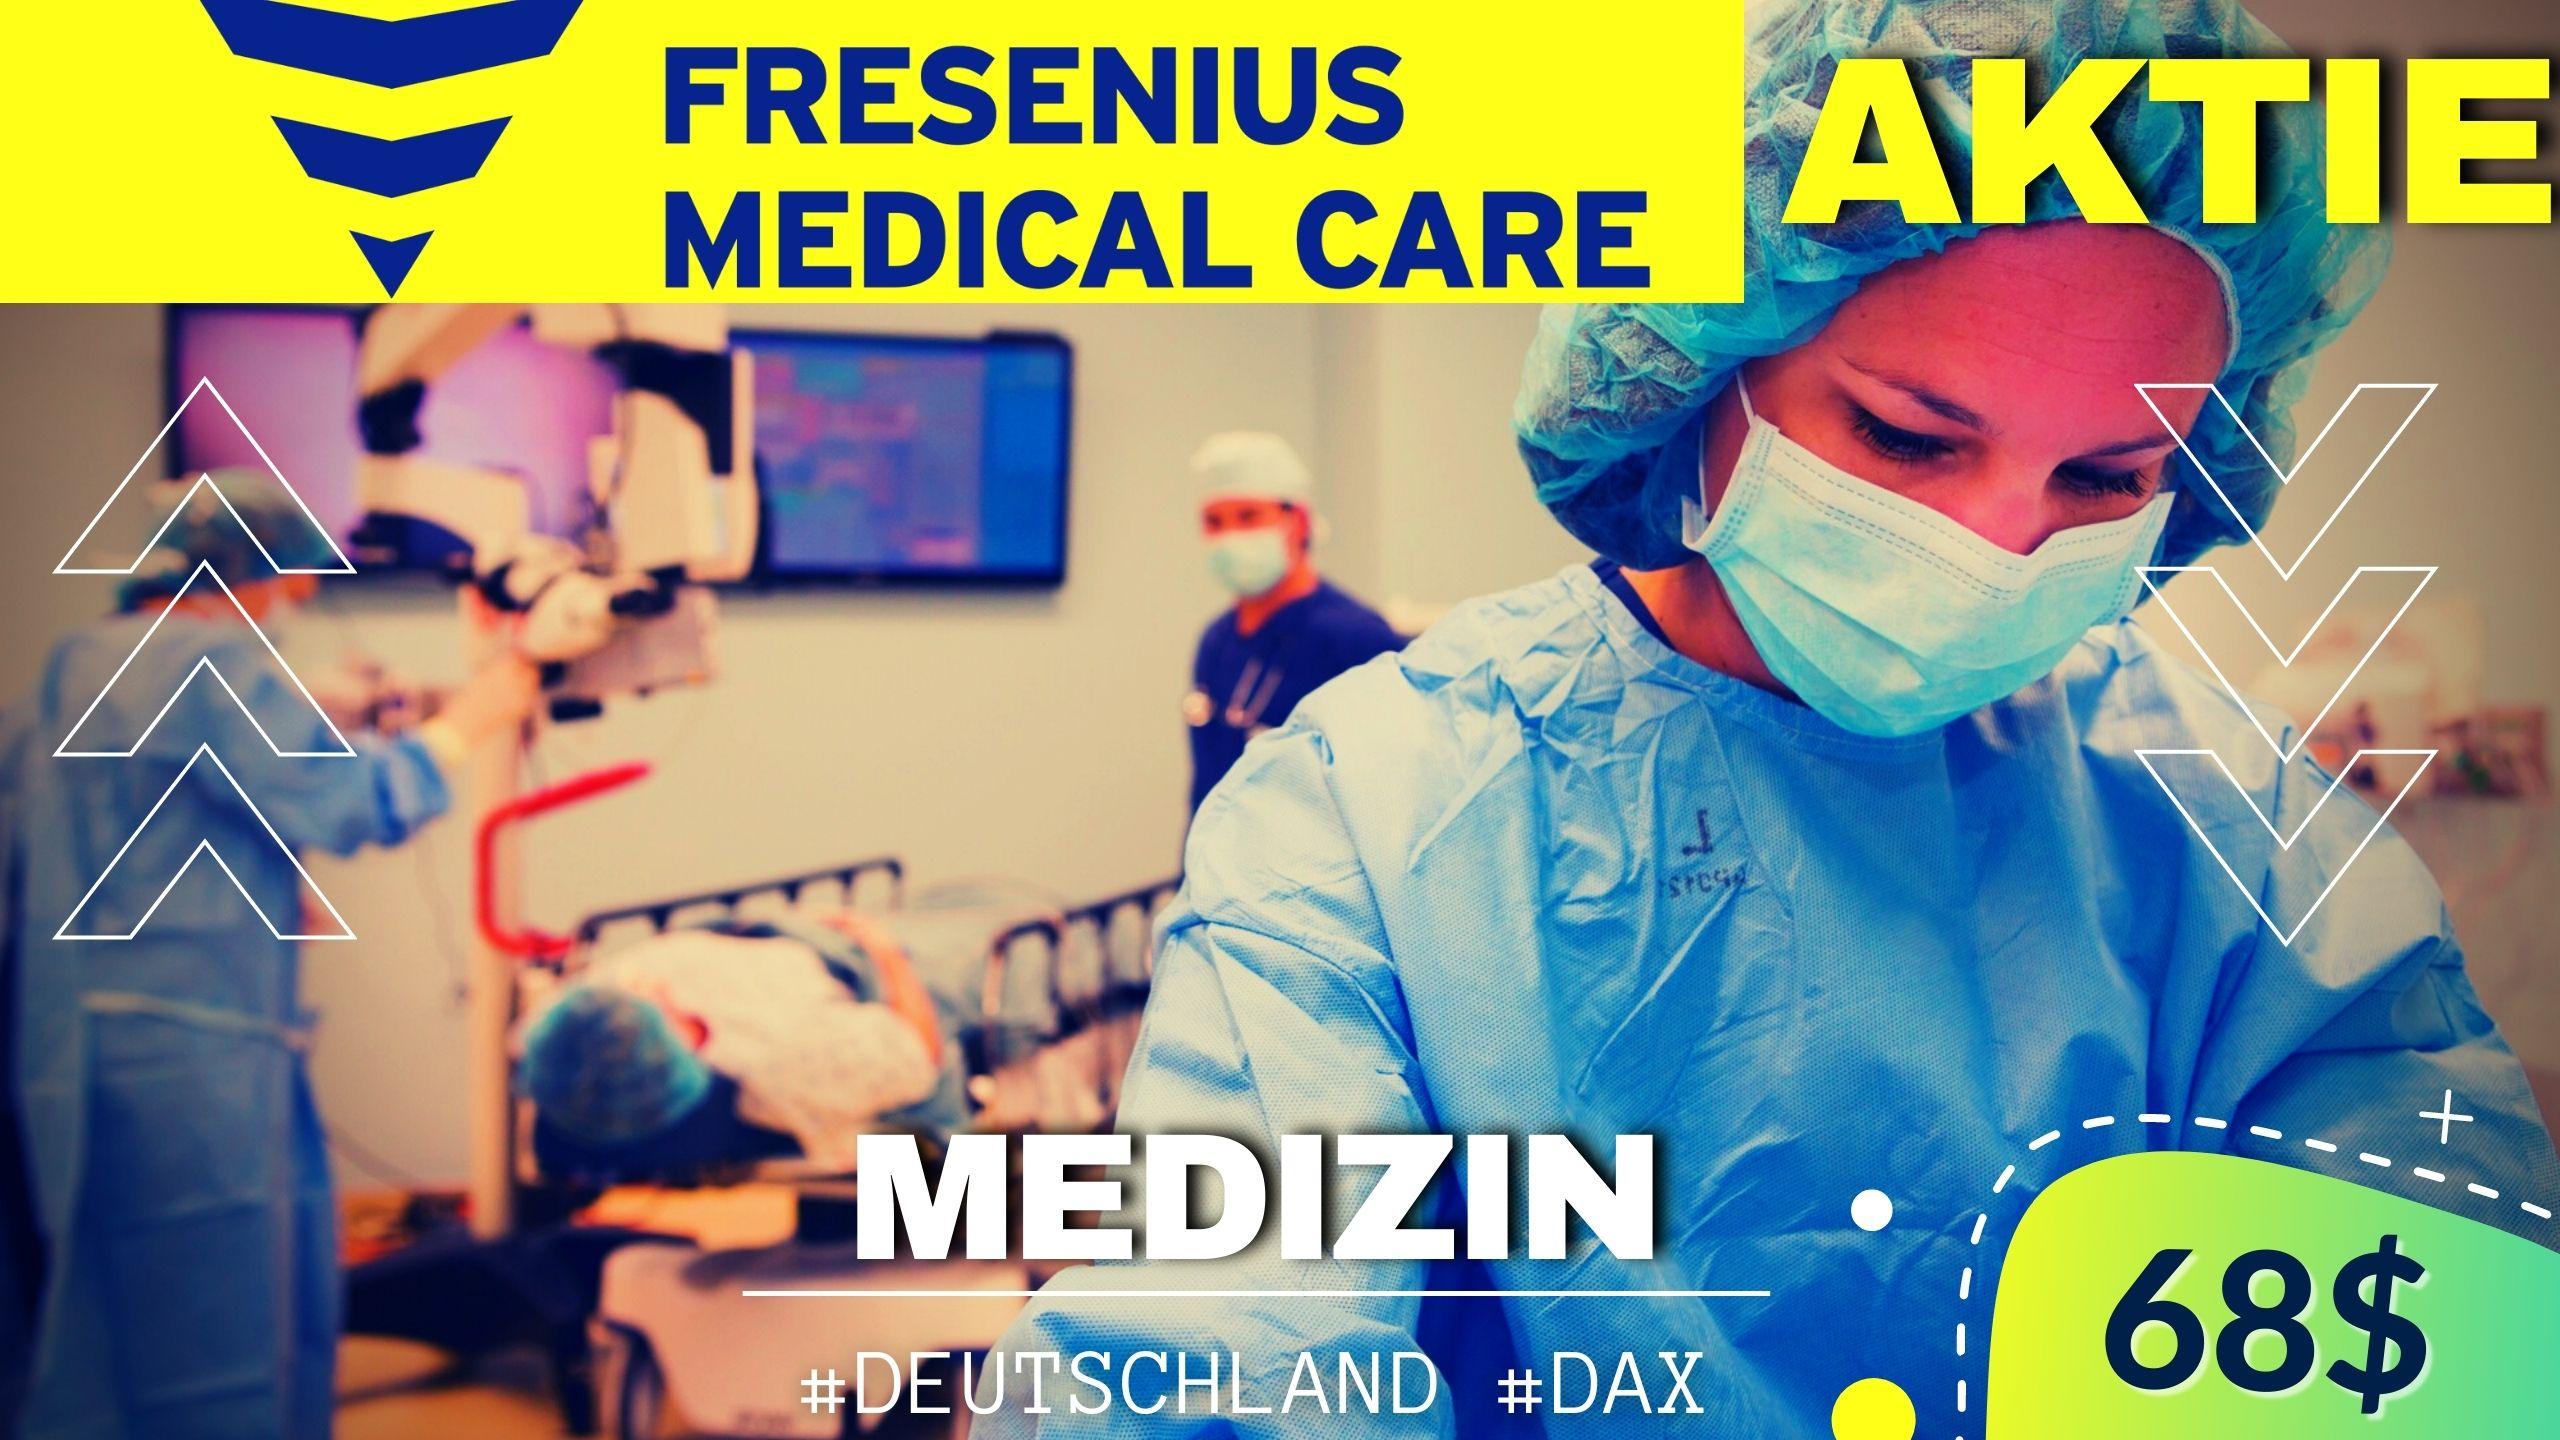 Fresenius Medical Care Aktie